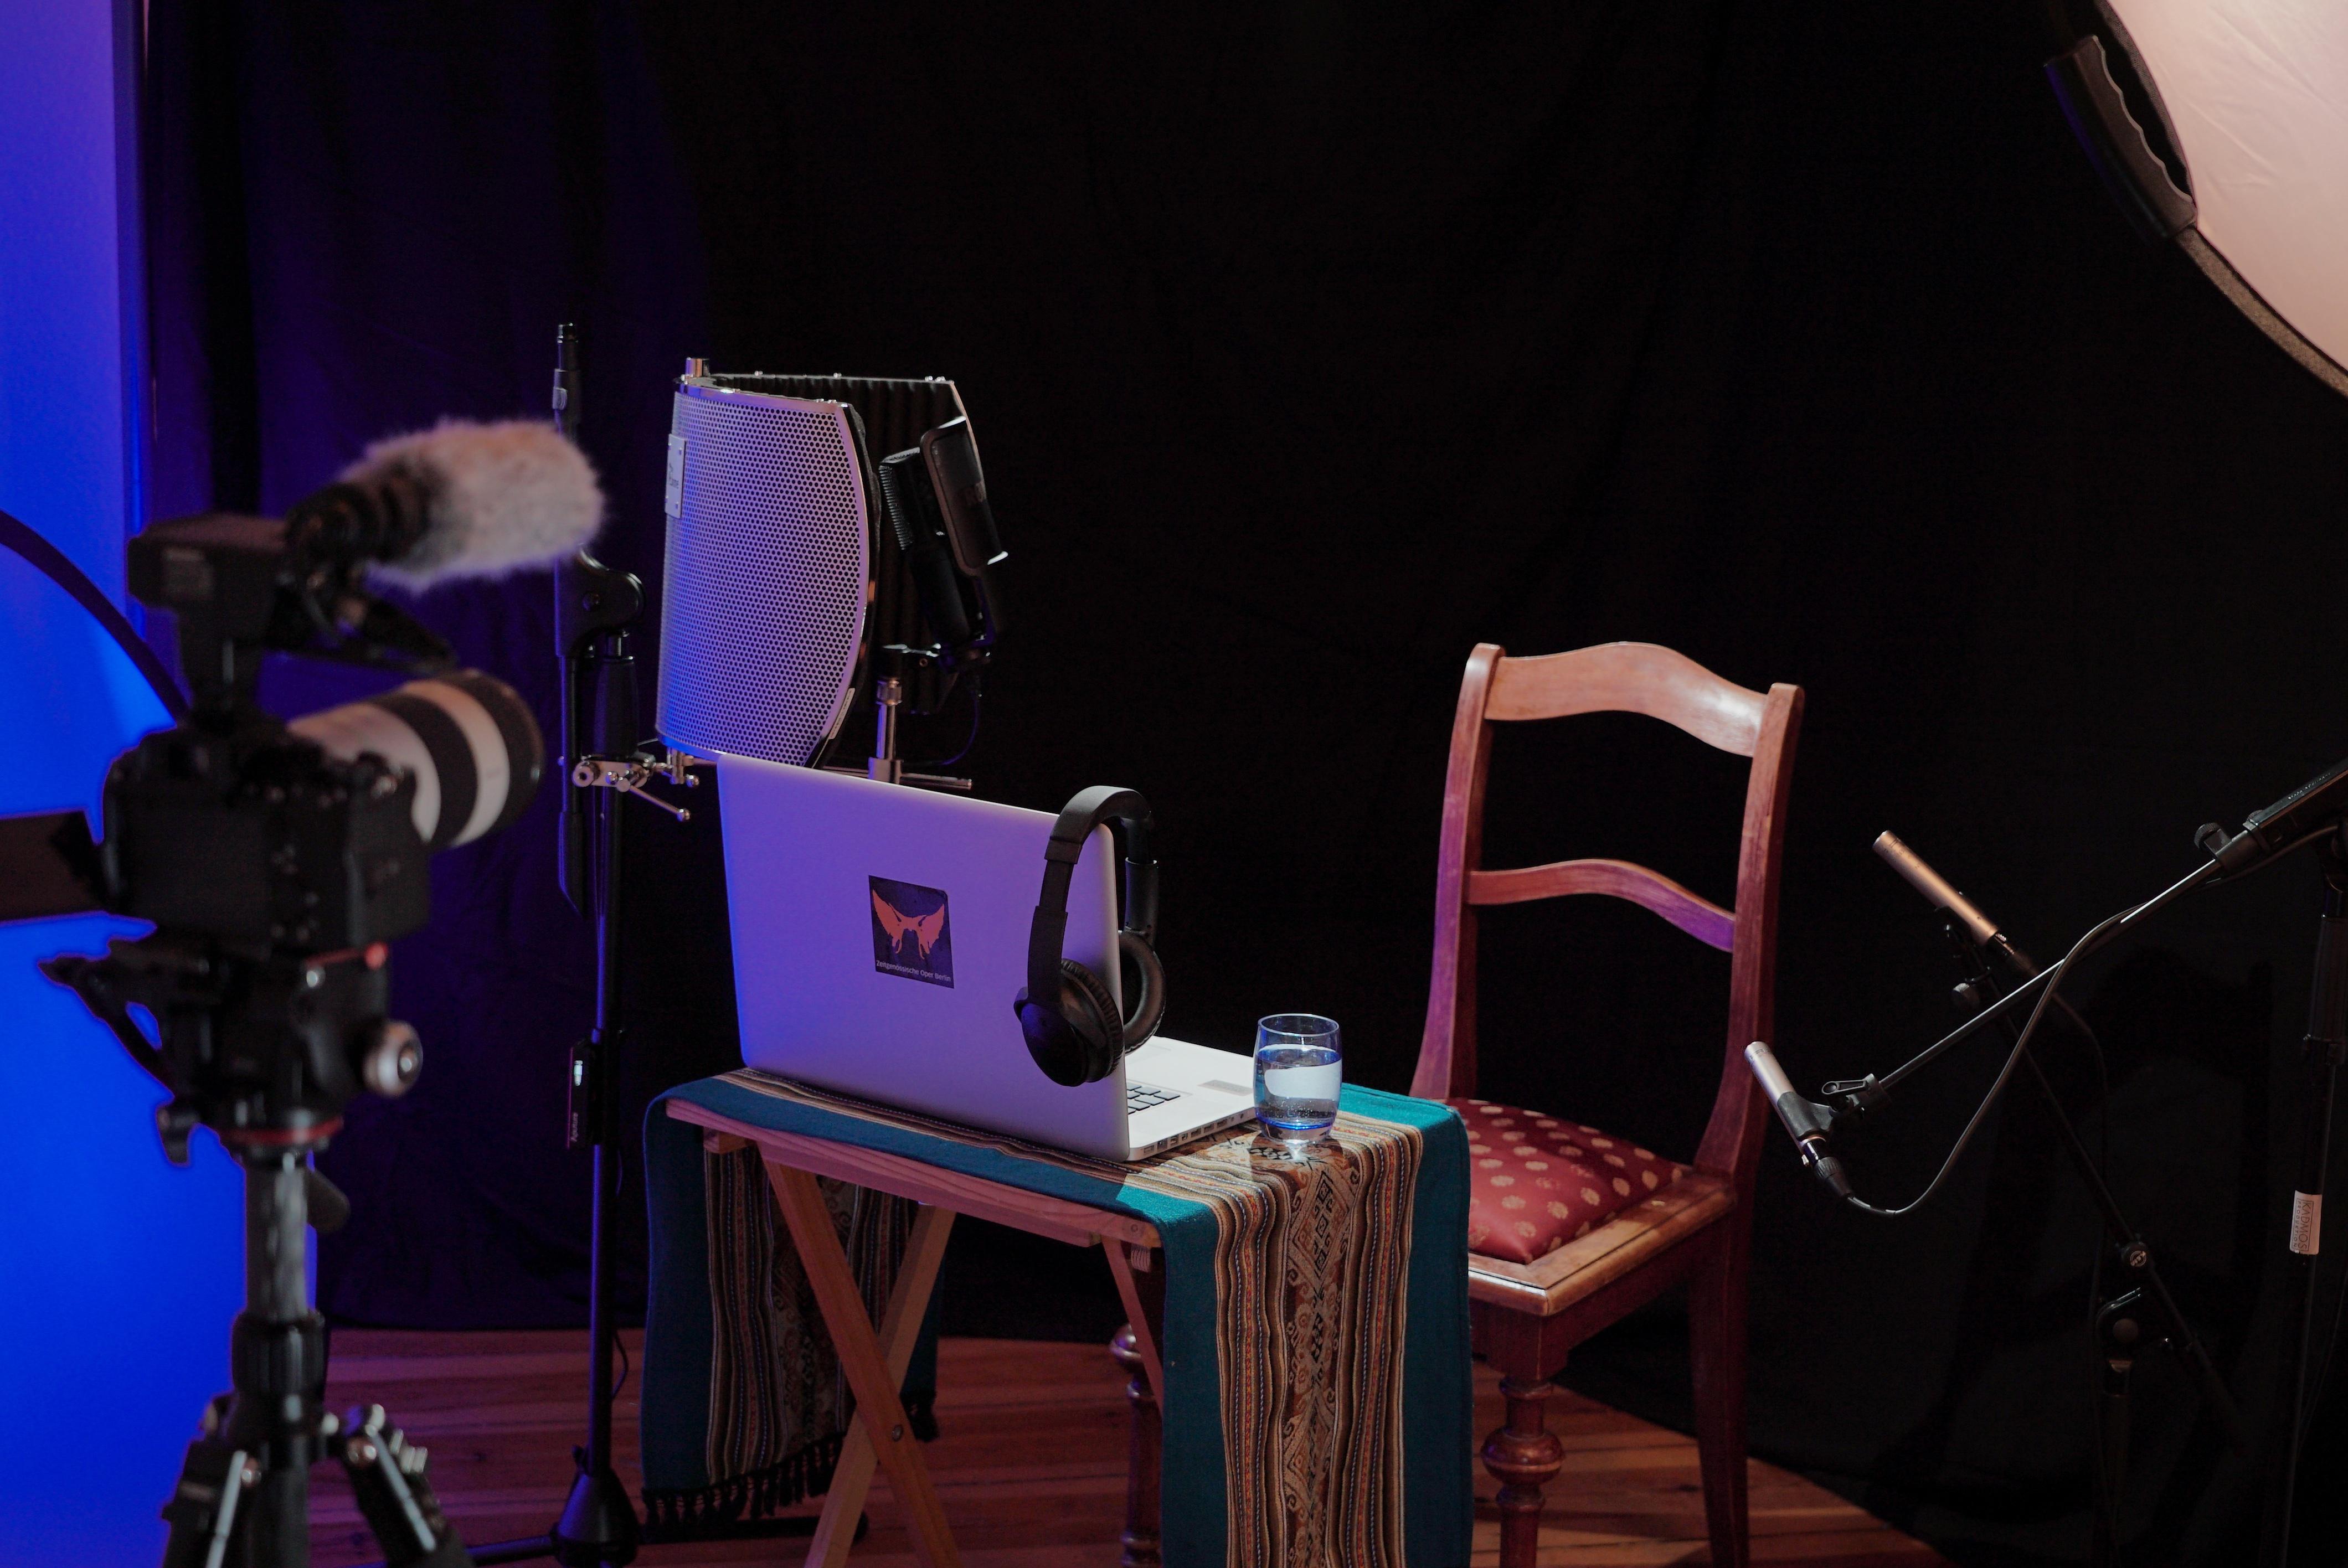 Berlin  Filmstudio Blackbox Studio Mini in Mitte image 1